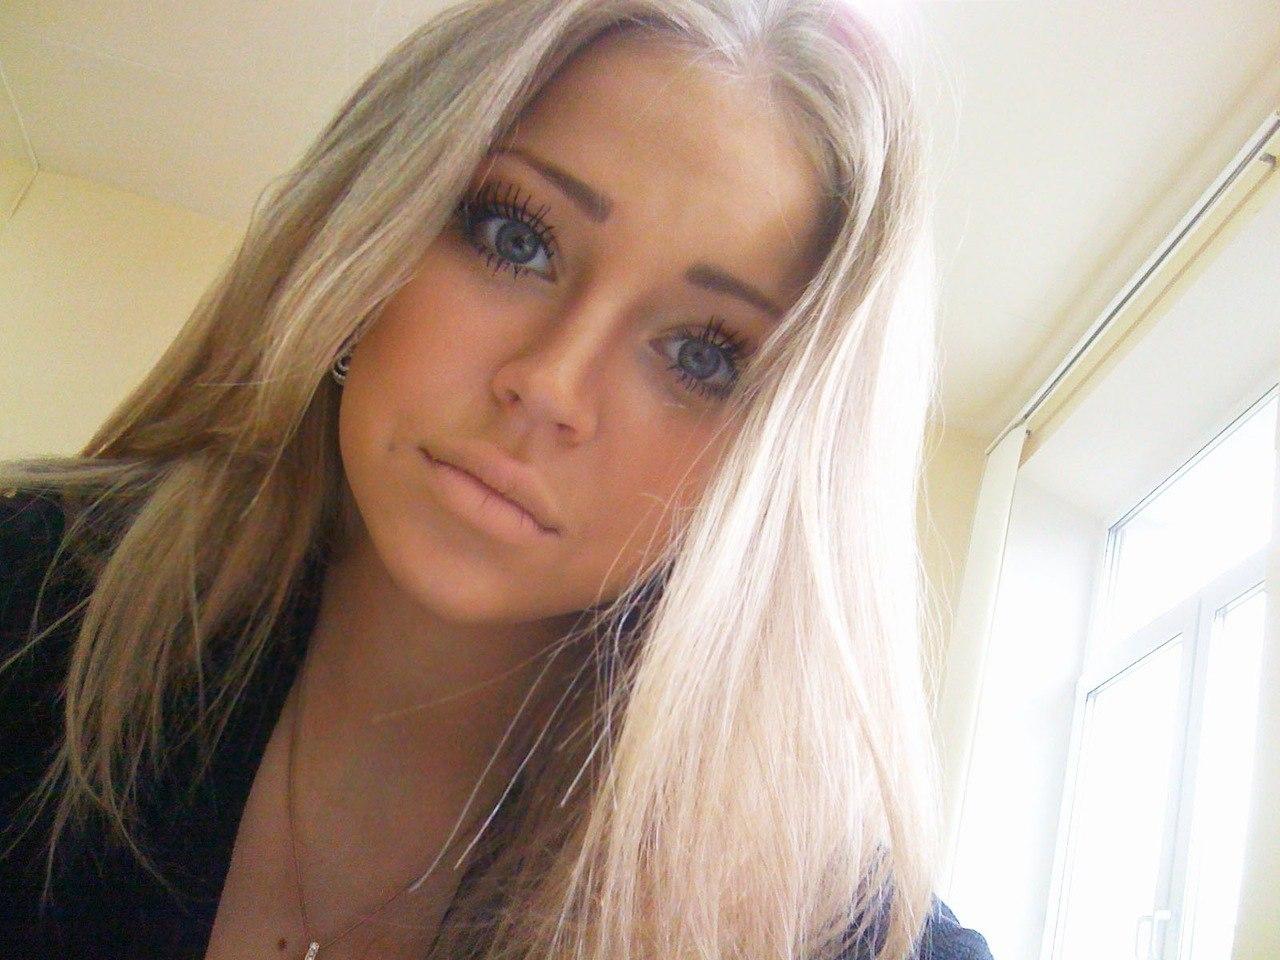 Фото красивой девушки одной 23 фотография